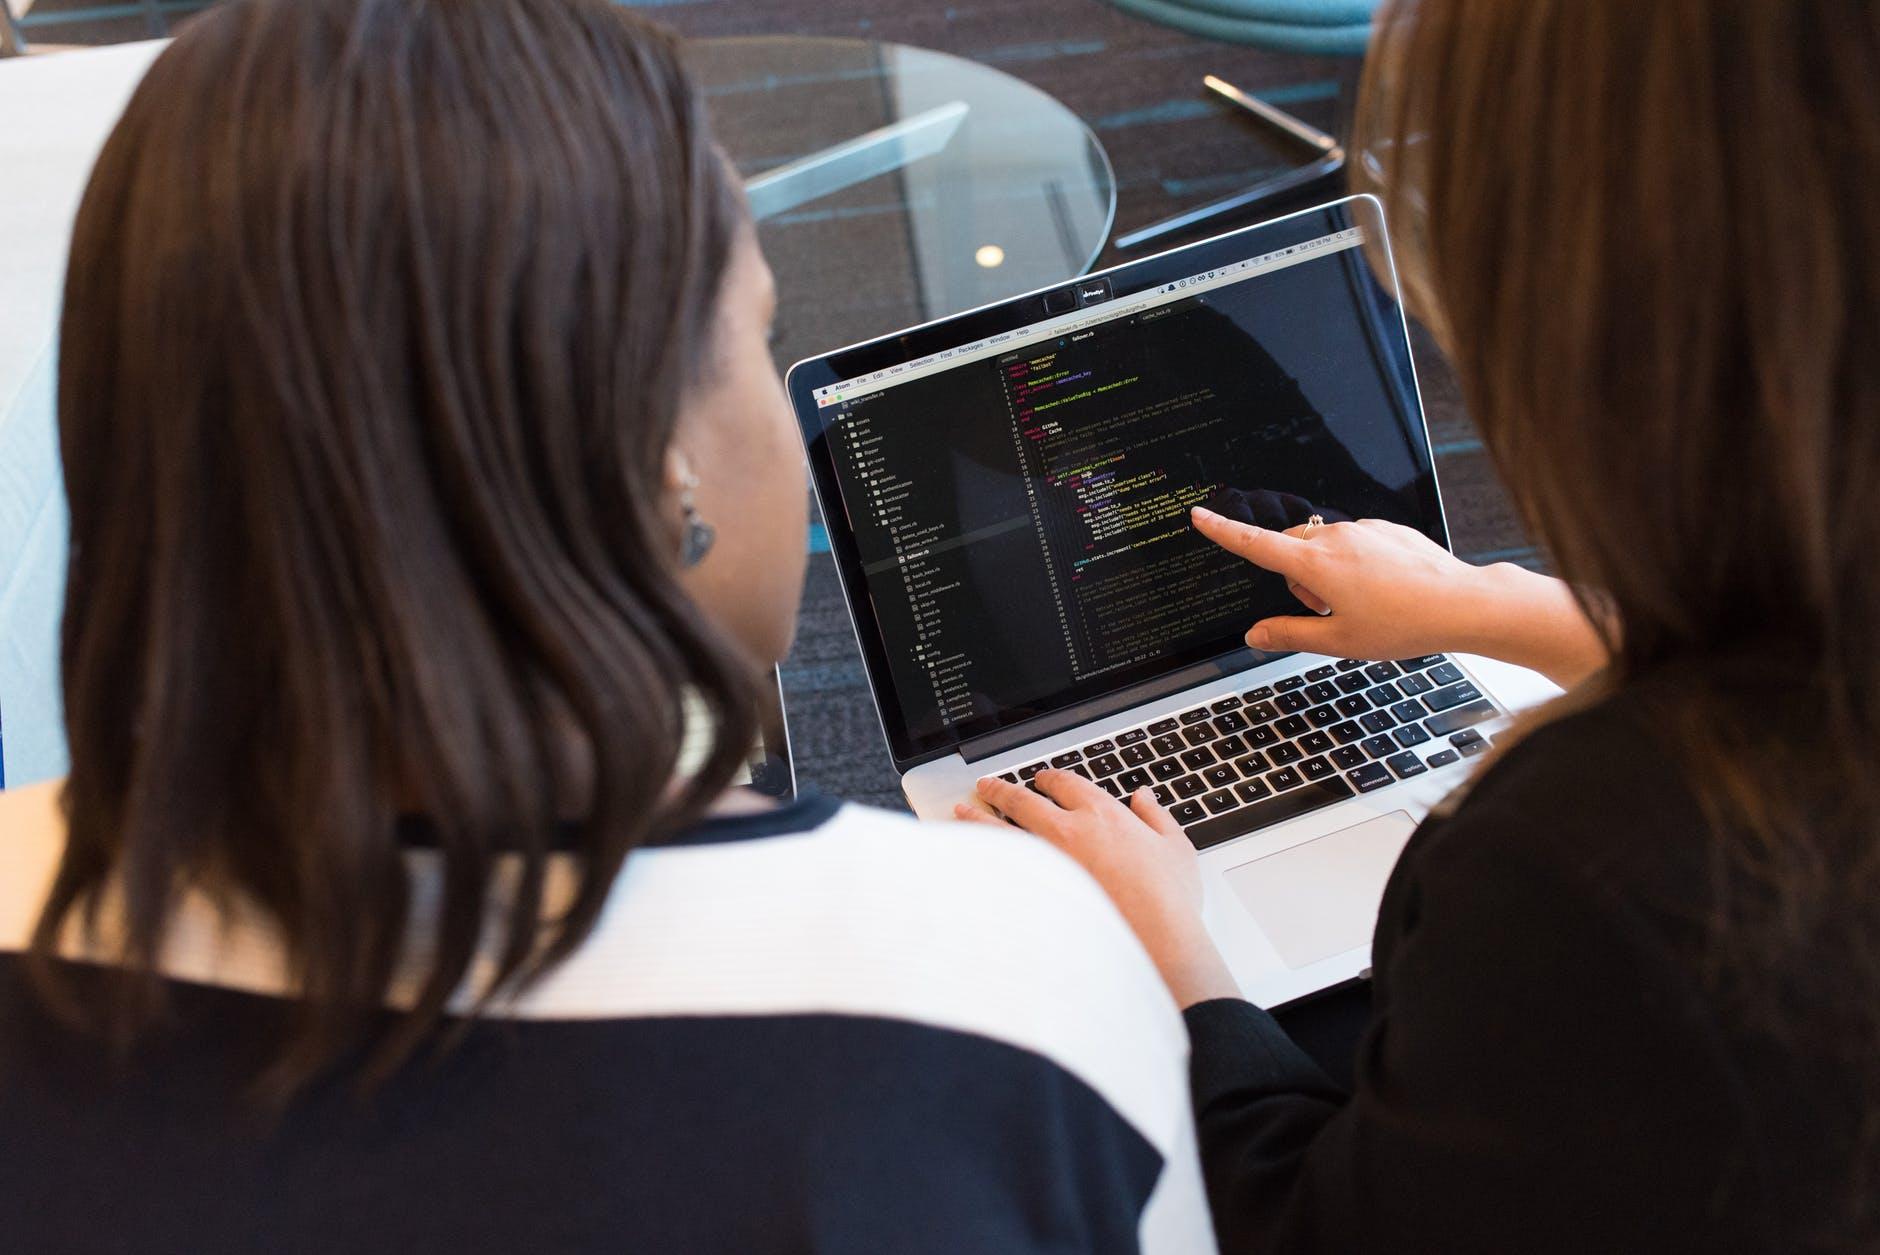 Realizare site, Realizare site Tehnologii folosite, Realizare site Bucuresti, Realizare site ieftin, realizare site pret, realizare site cu HTML